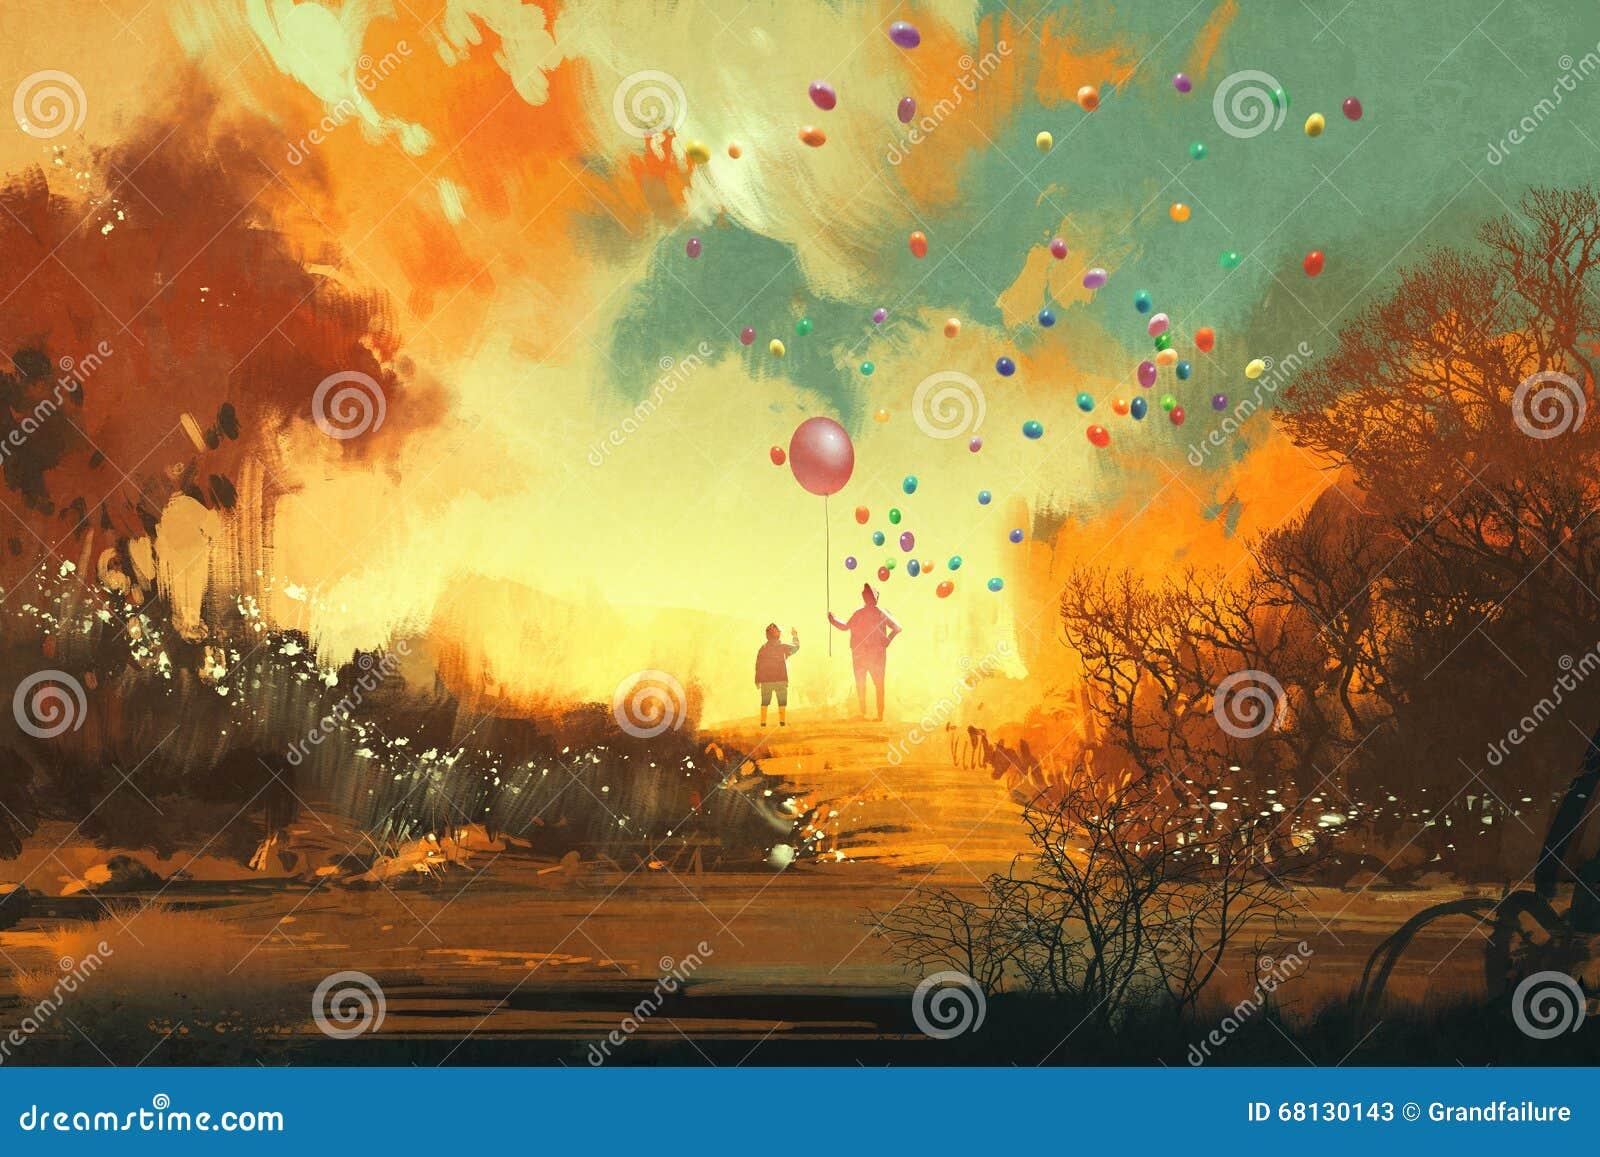 Μπαλόνι εκμετάλλευσης αγοριών και μάγων standng σε μια πορεία του εδάφους φαντασίας